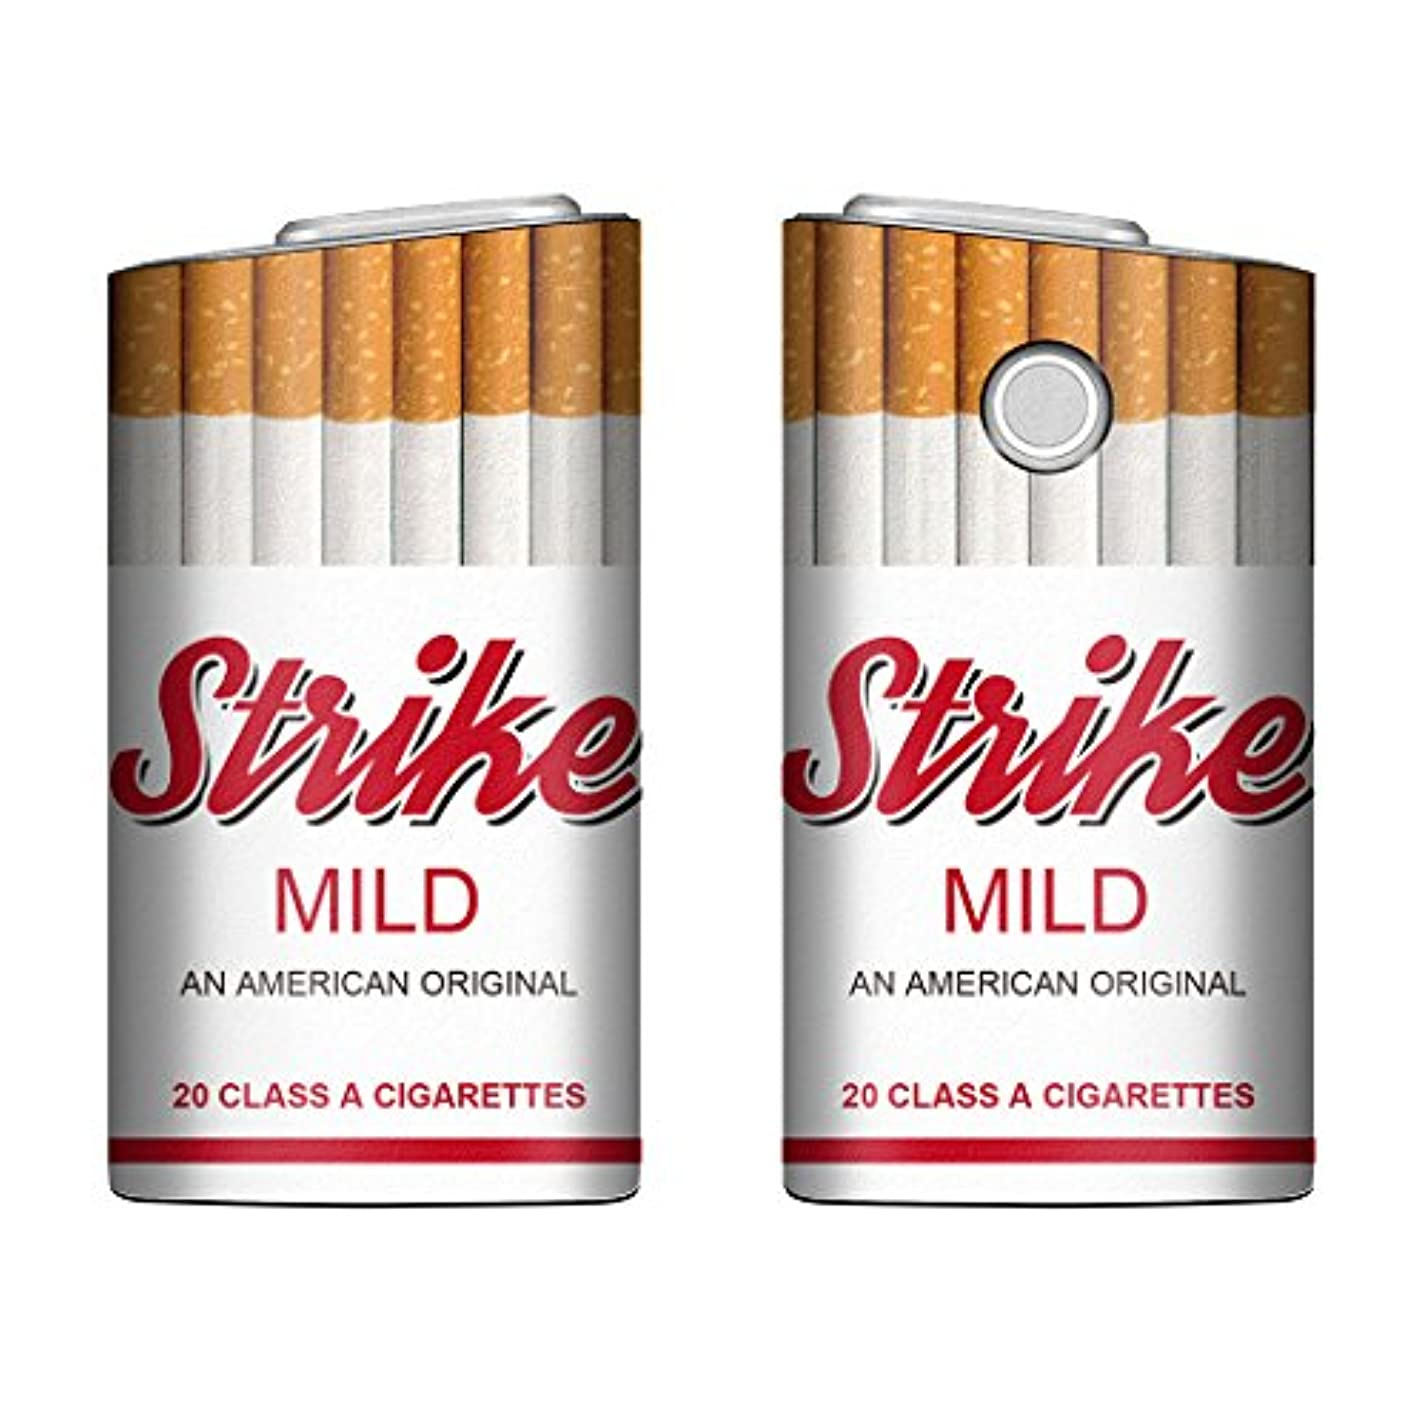 メイエラメイエラ雹Evis Club glo グロー ケース レザー プリント ケース タバコ パロディ 4398 Strike マイルド B 電子タバコ 保護 カバー